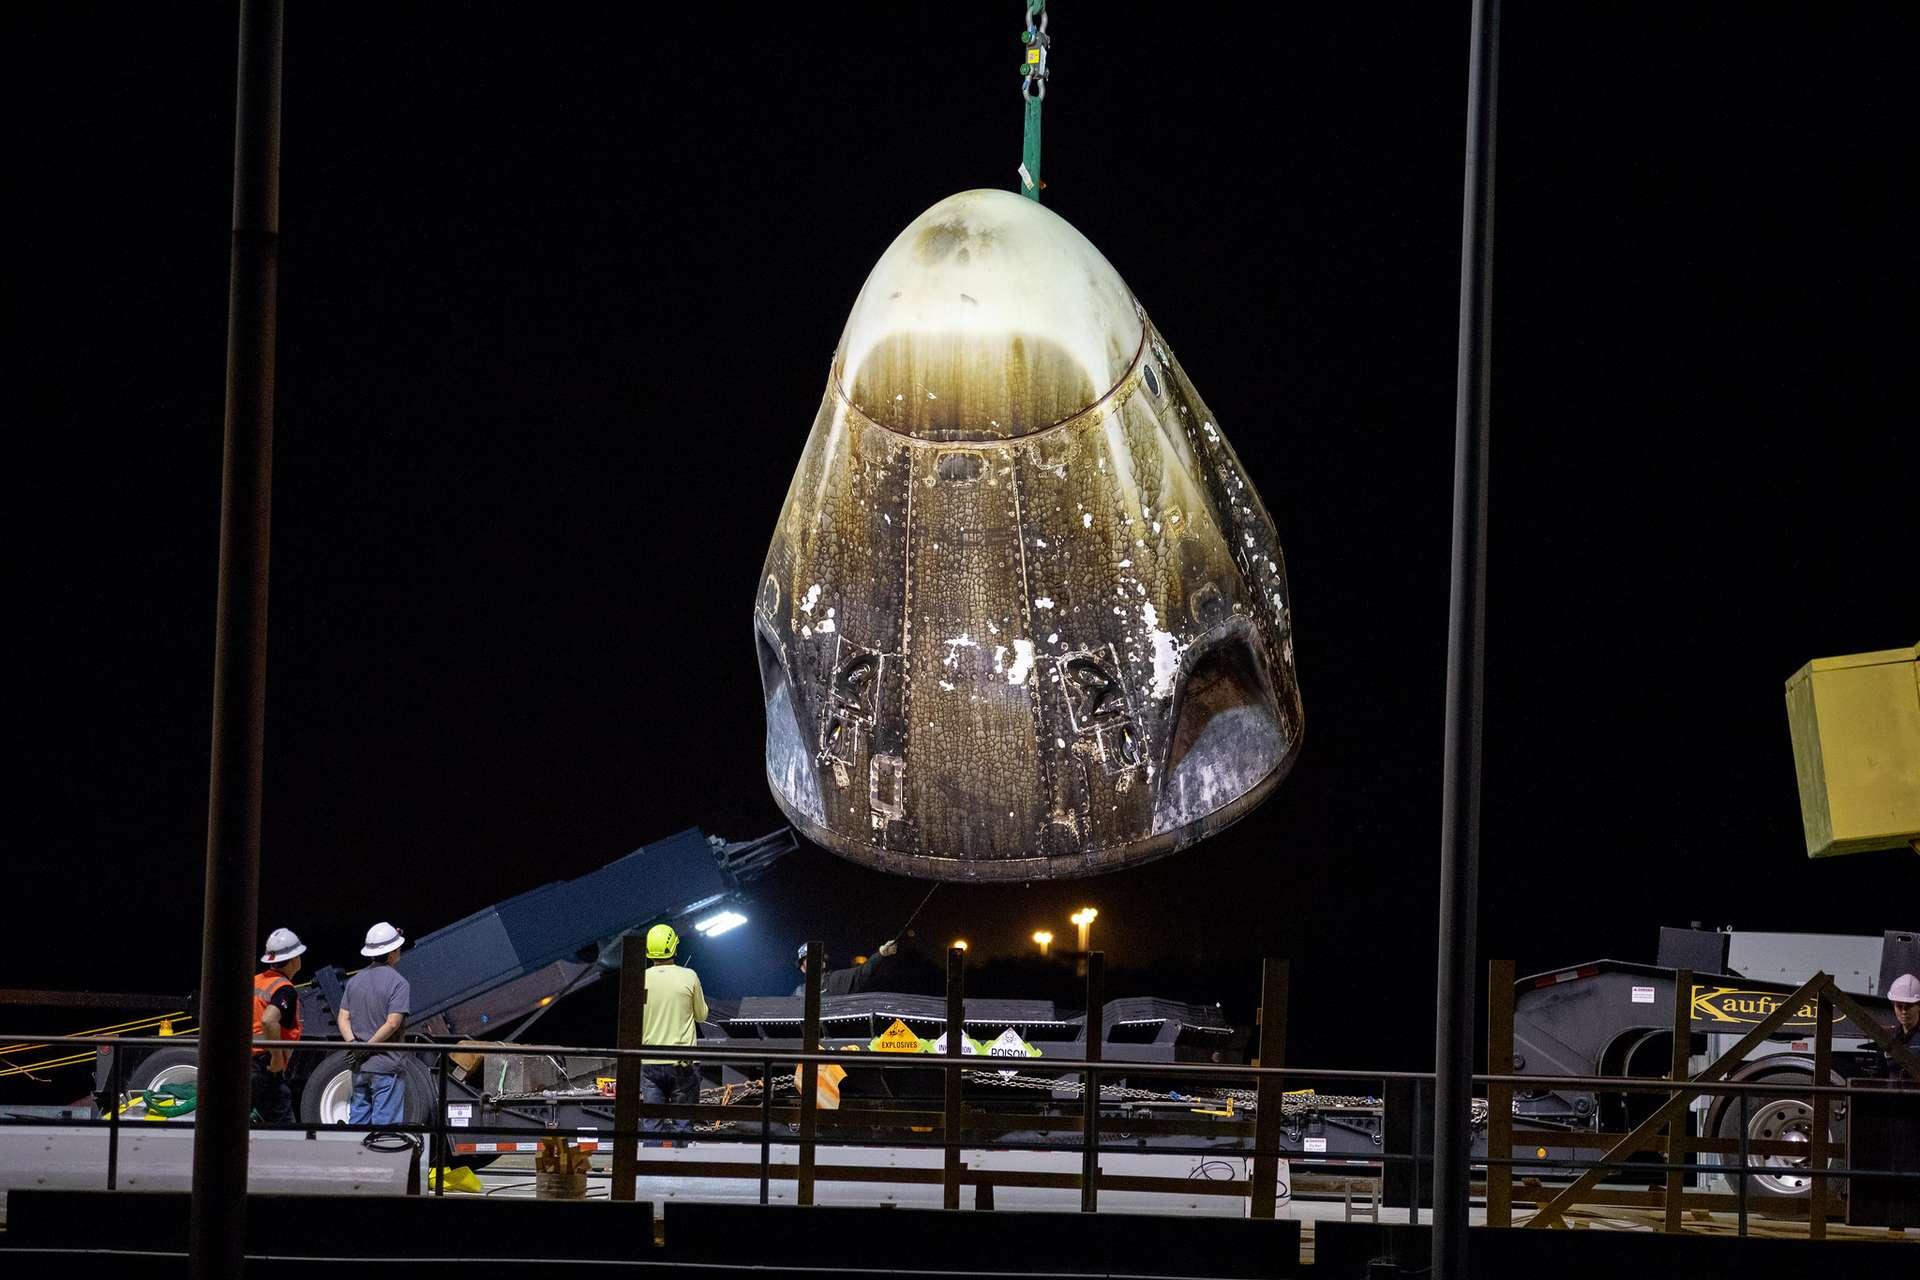 Récupération de la capsule Crew Dragon début mars 2019 après son amerrissage dans l'océan Atlantique au terme de son vol de démonstration aller-retour inhabité vers la Station spatiale internationale (ISS). Cette même capsule a explosé lors d'un test statique de ses moteurs-fusée SuperDraco le 20 avril 2019. © SpaceX, Isaac Watson/Nasa